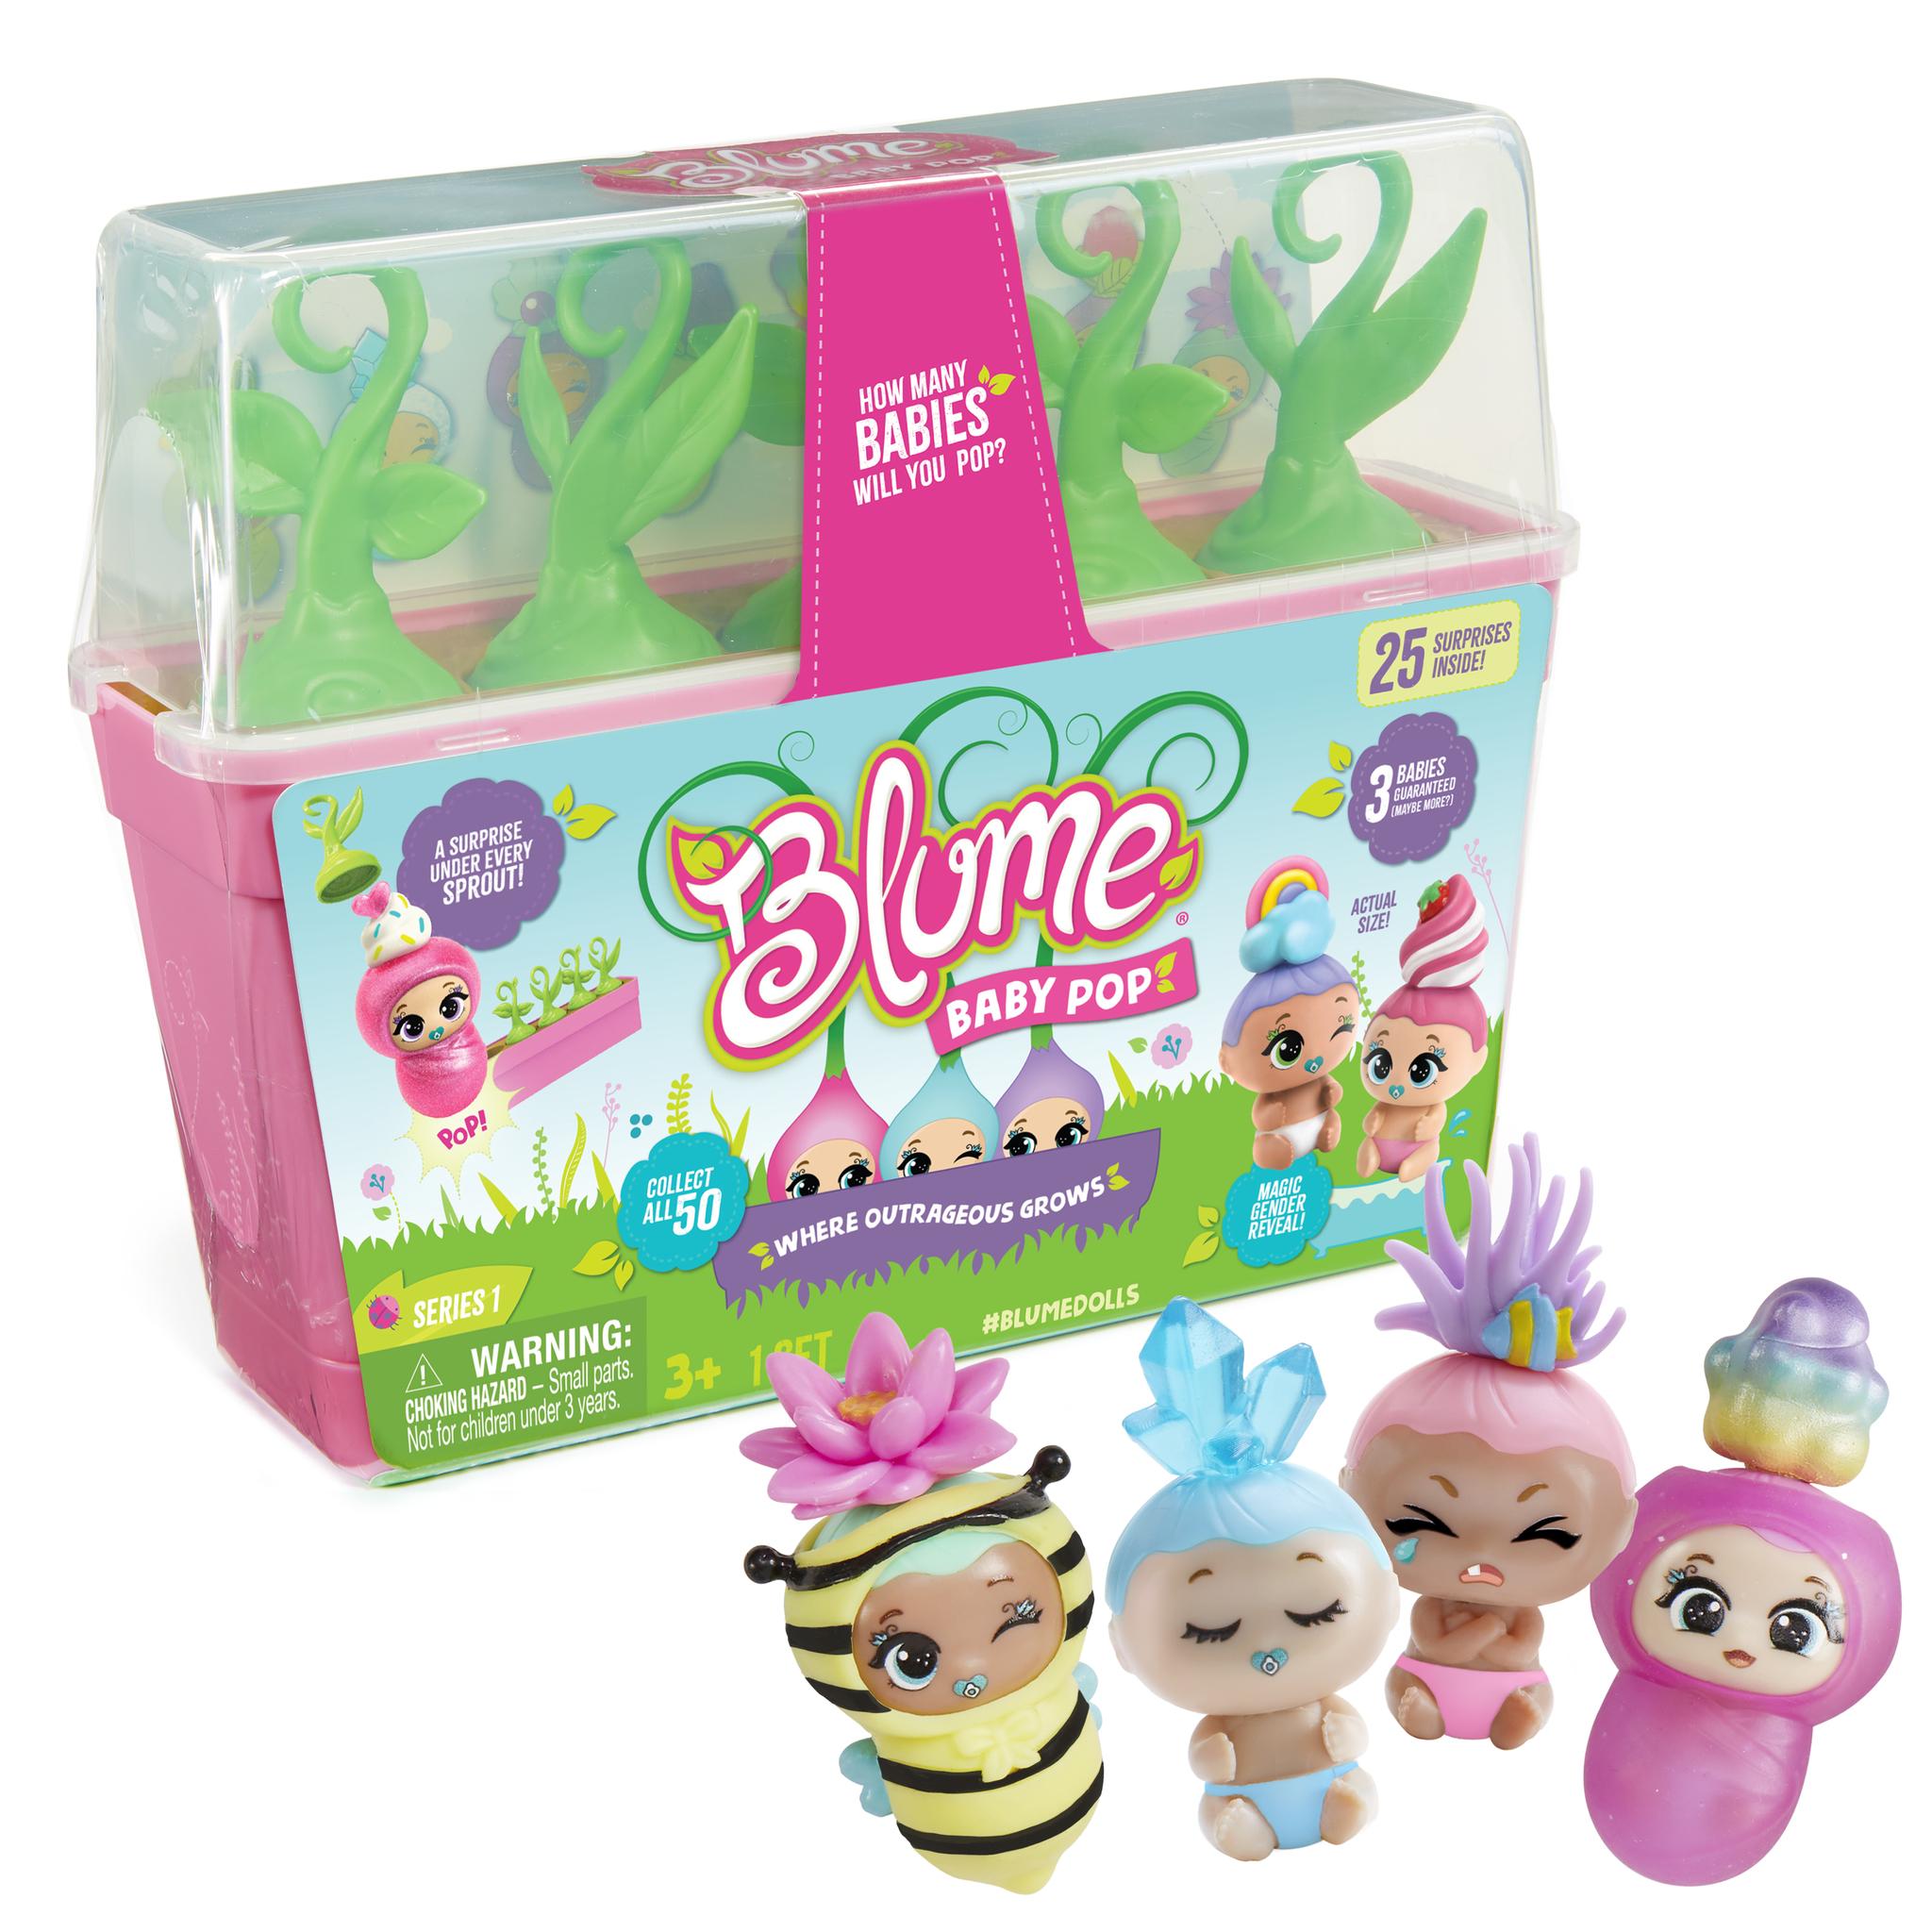 Blume baby pop 1 - первая серия